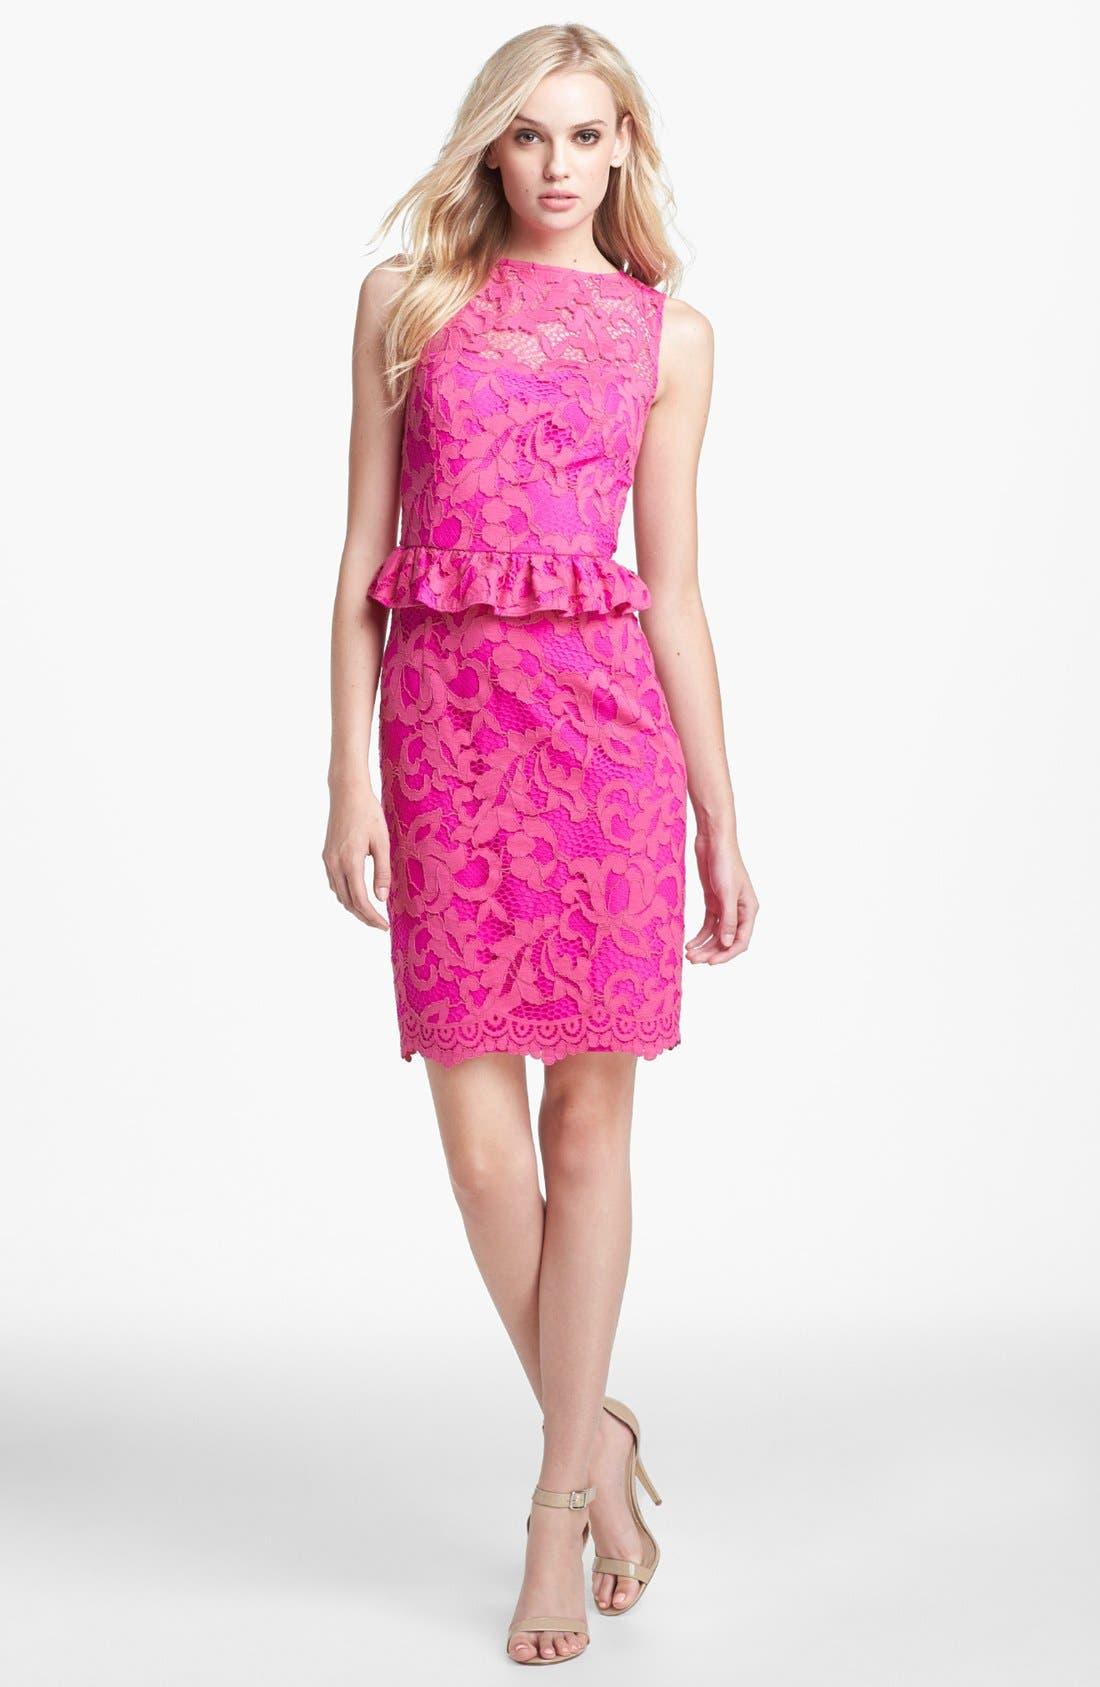 Alternate Image 1 Selected - Lilly Pulitzer® 'Kiri' Lace Peplum Dress